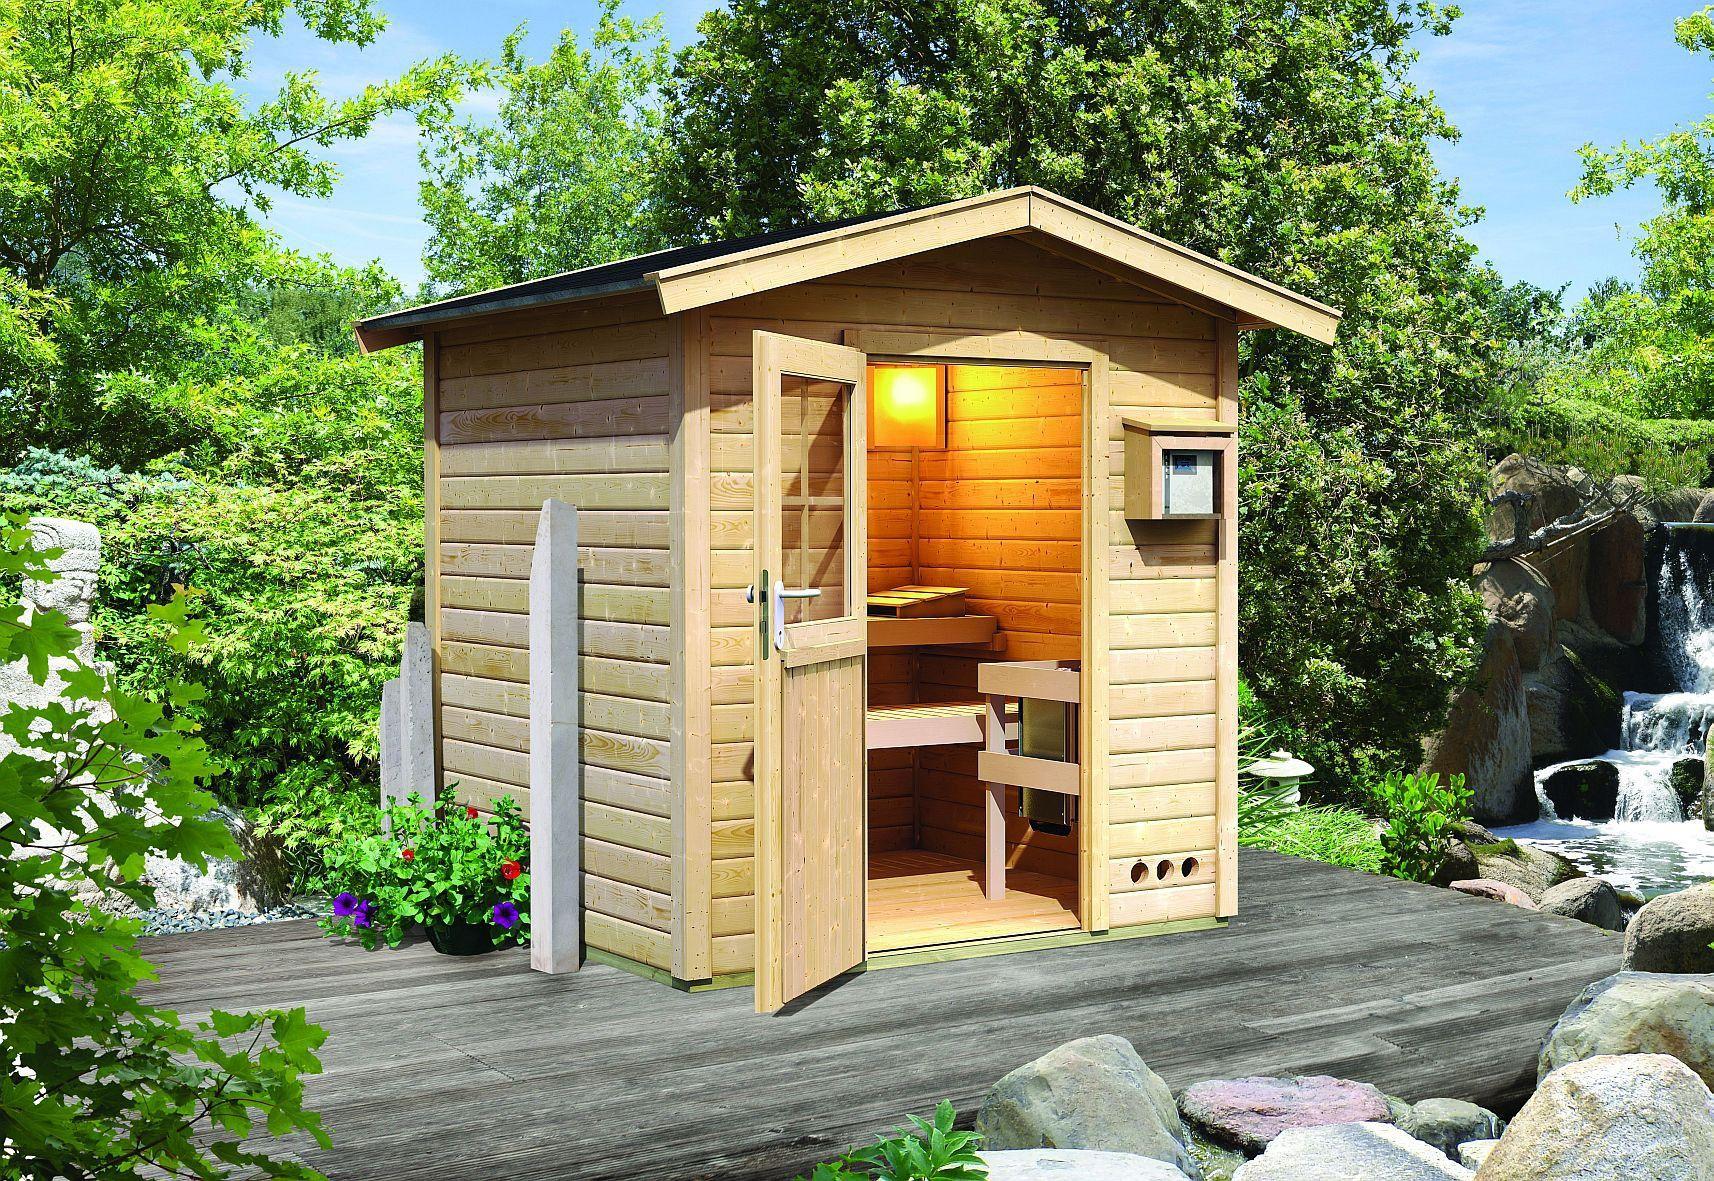 Prix D Un Sauna sauna d'extérieur saunahaus toit en selle 38 mm 7.74 m3